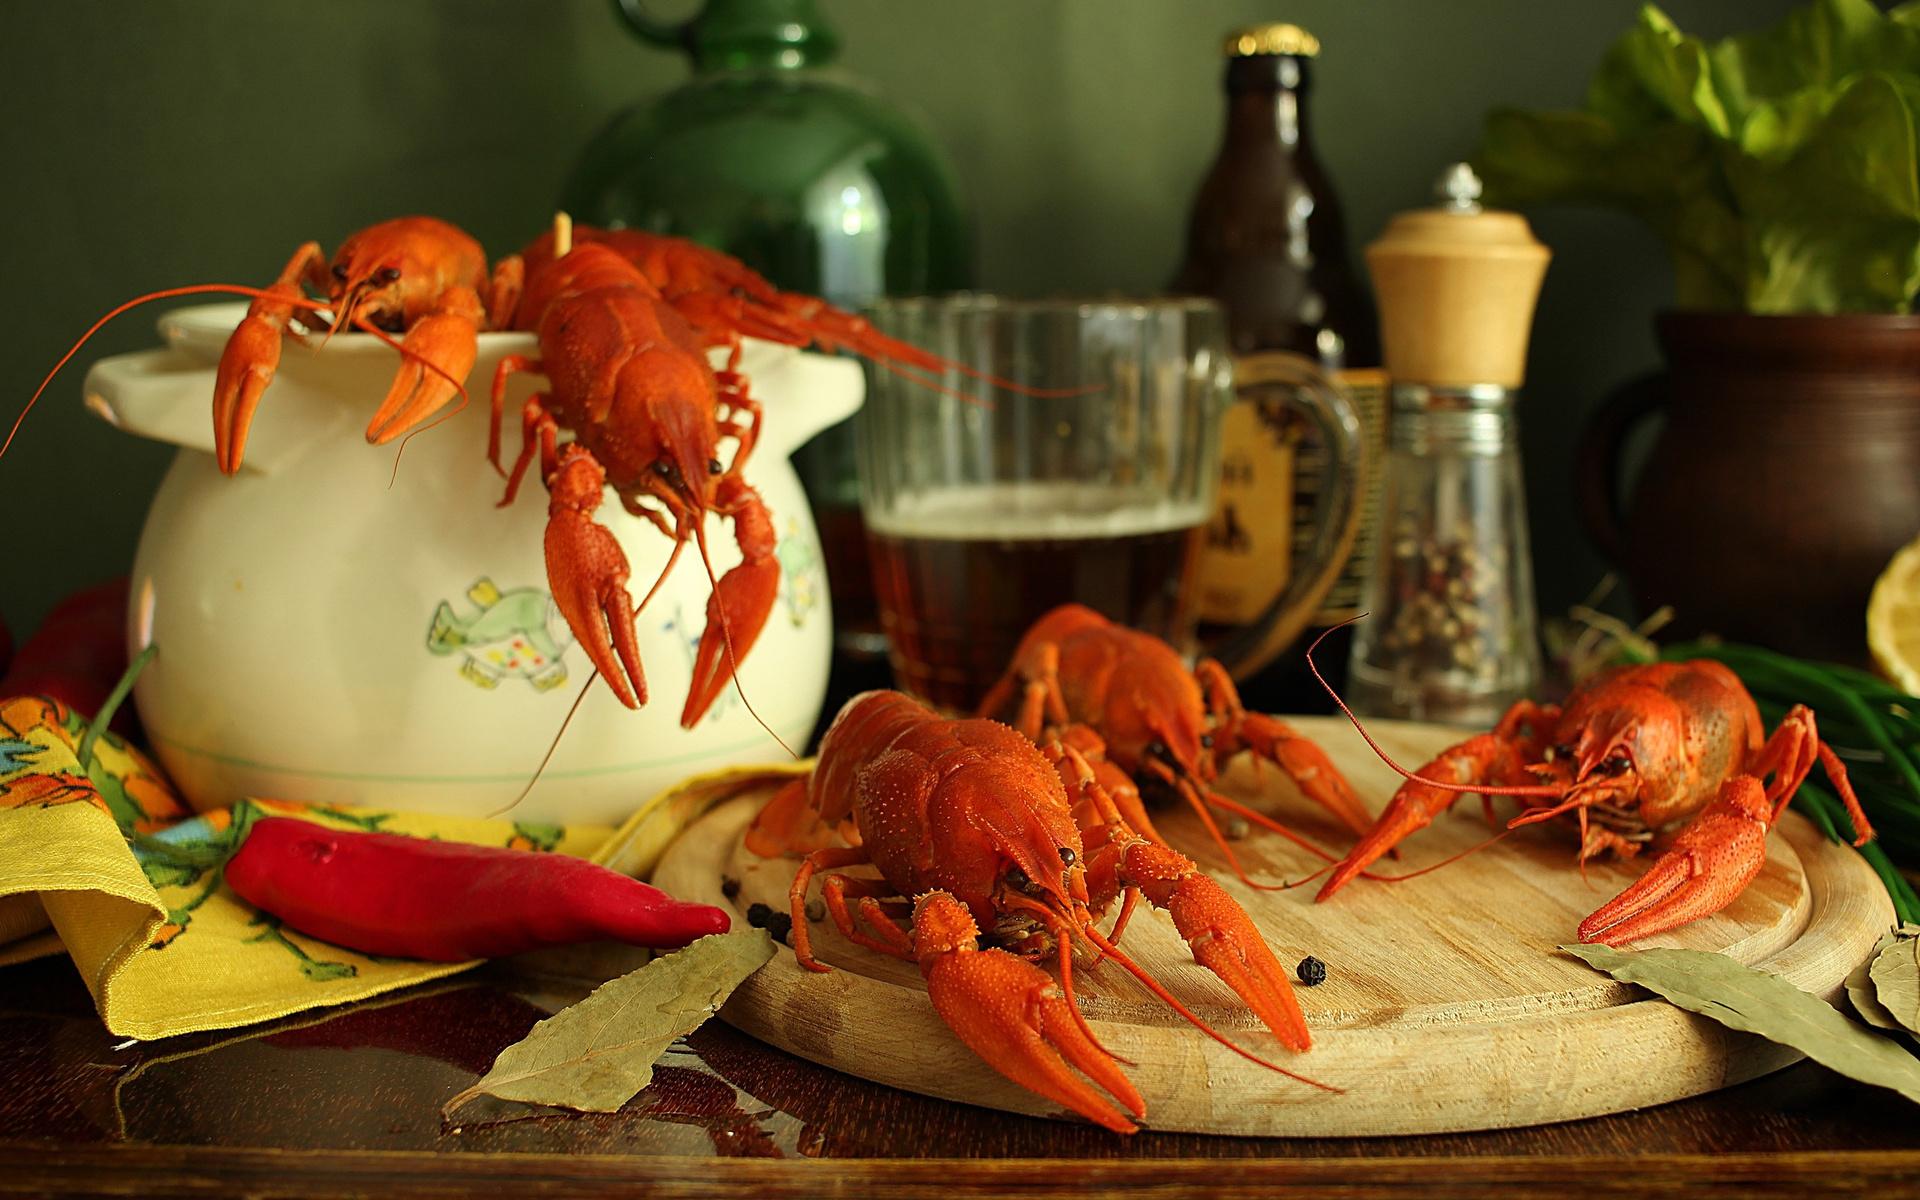 ожидала встретить картинки пиво с рыбой и раками продукцию можно наших